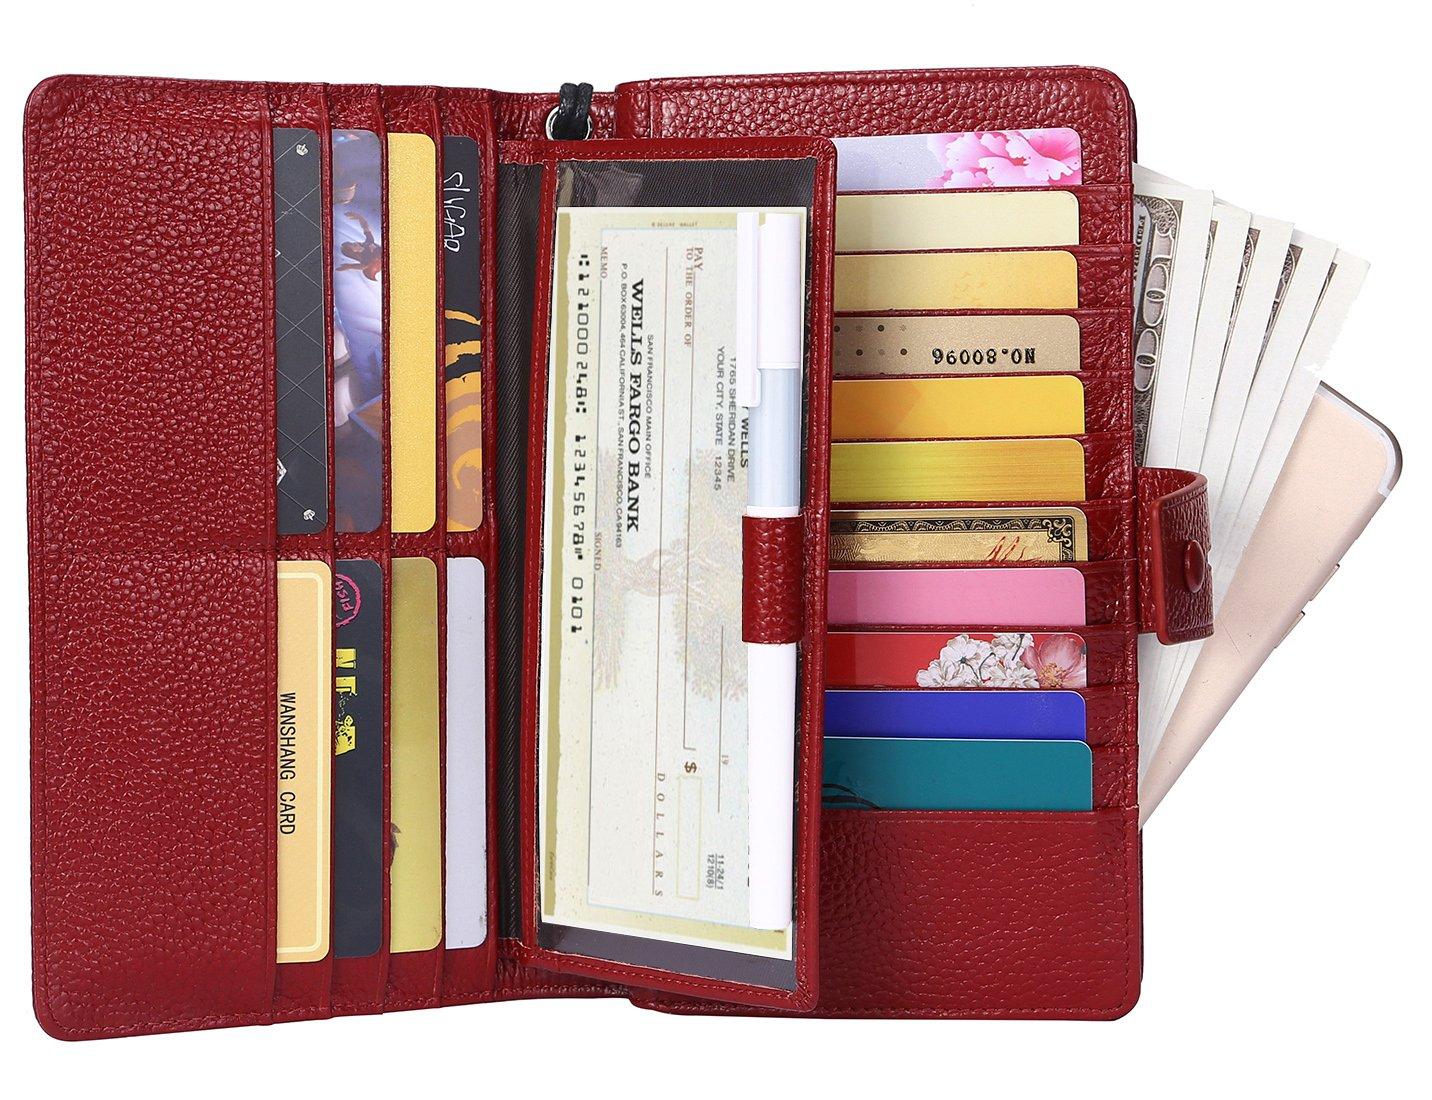 AINIMOER Women's Big RFID Blocking Leather Zip Around Wallets for Womens Clutch Organizer Checkbook Holder Large Travel Purse(Lichee Wine)